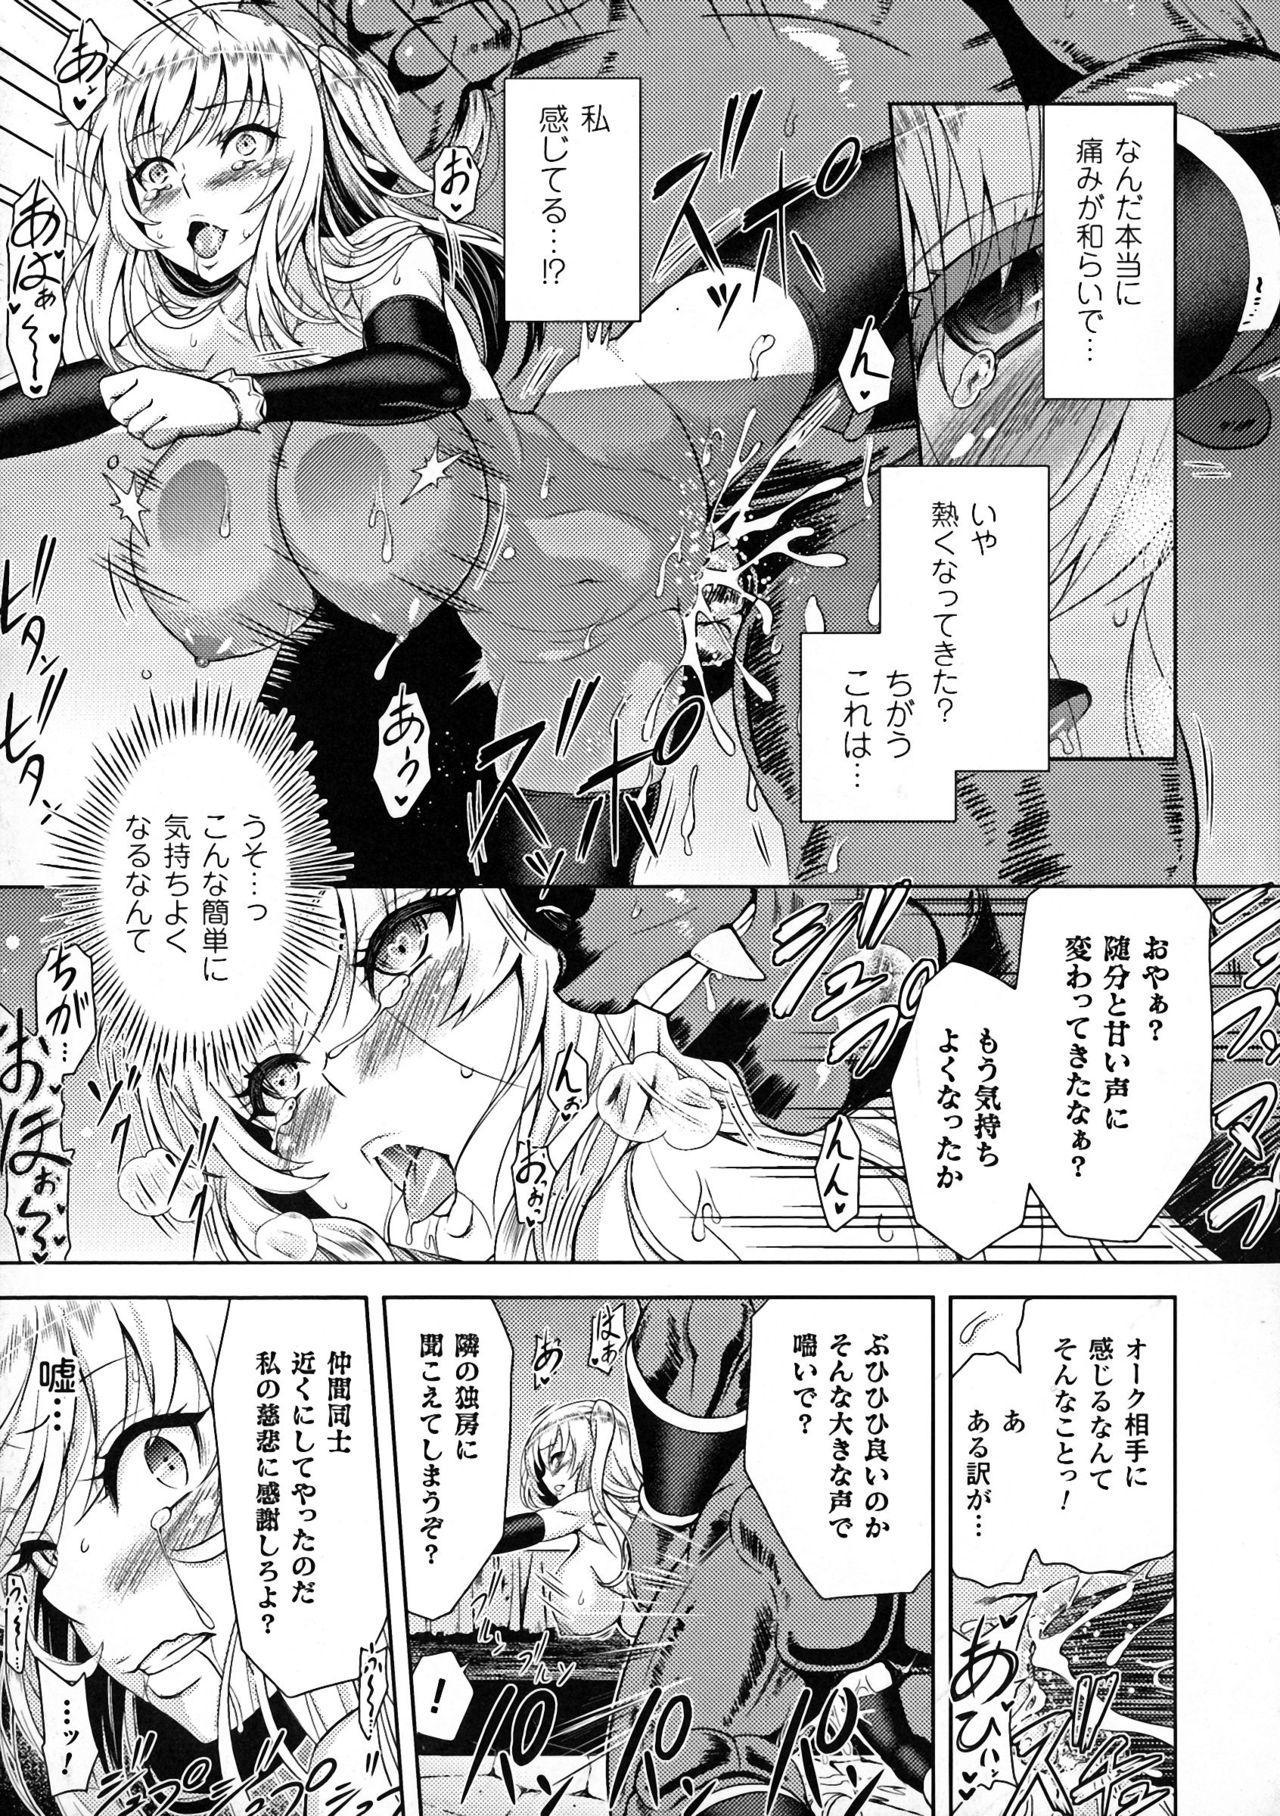 ERONA Orc no Inmon ni Okasareta Onna Kishi no Matsuro Ch. 1-6 18